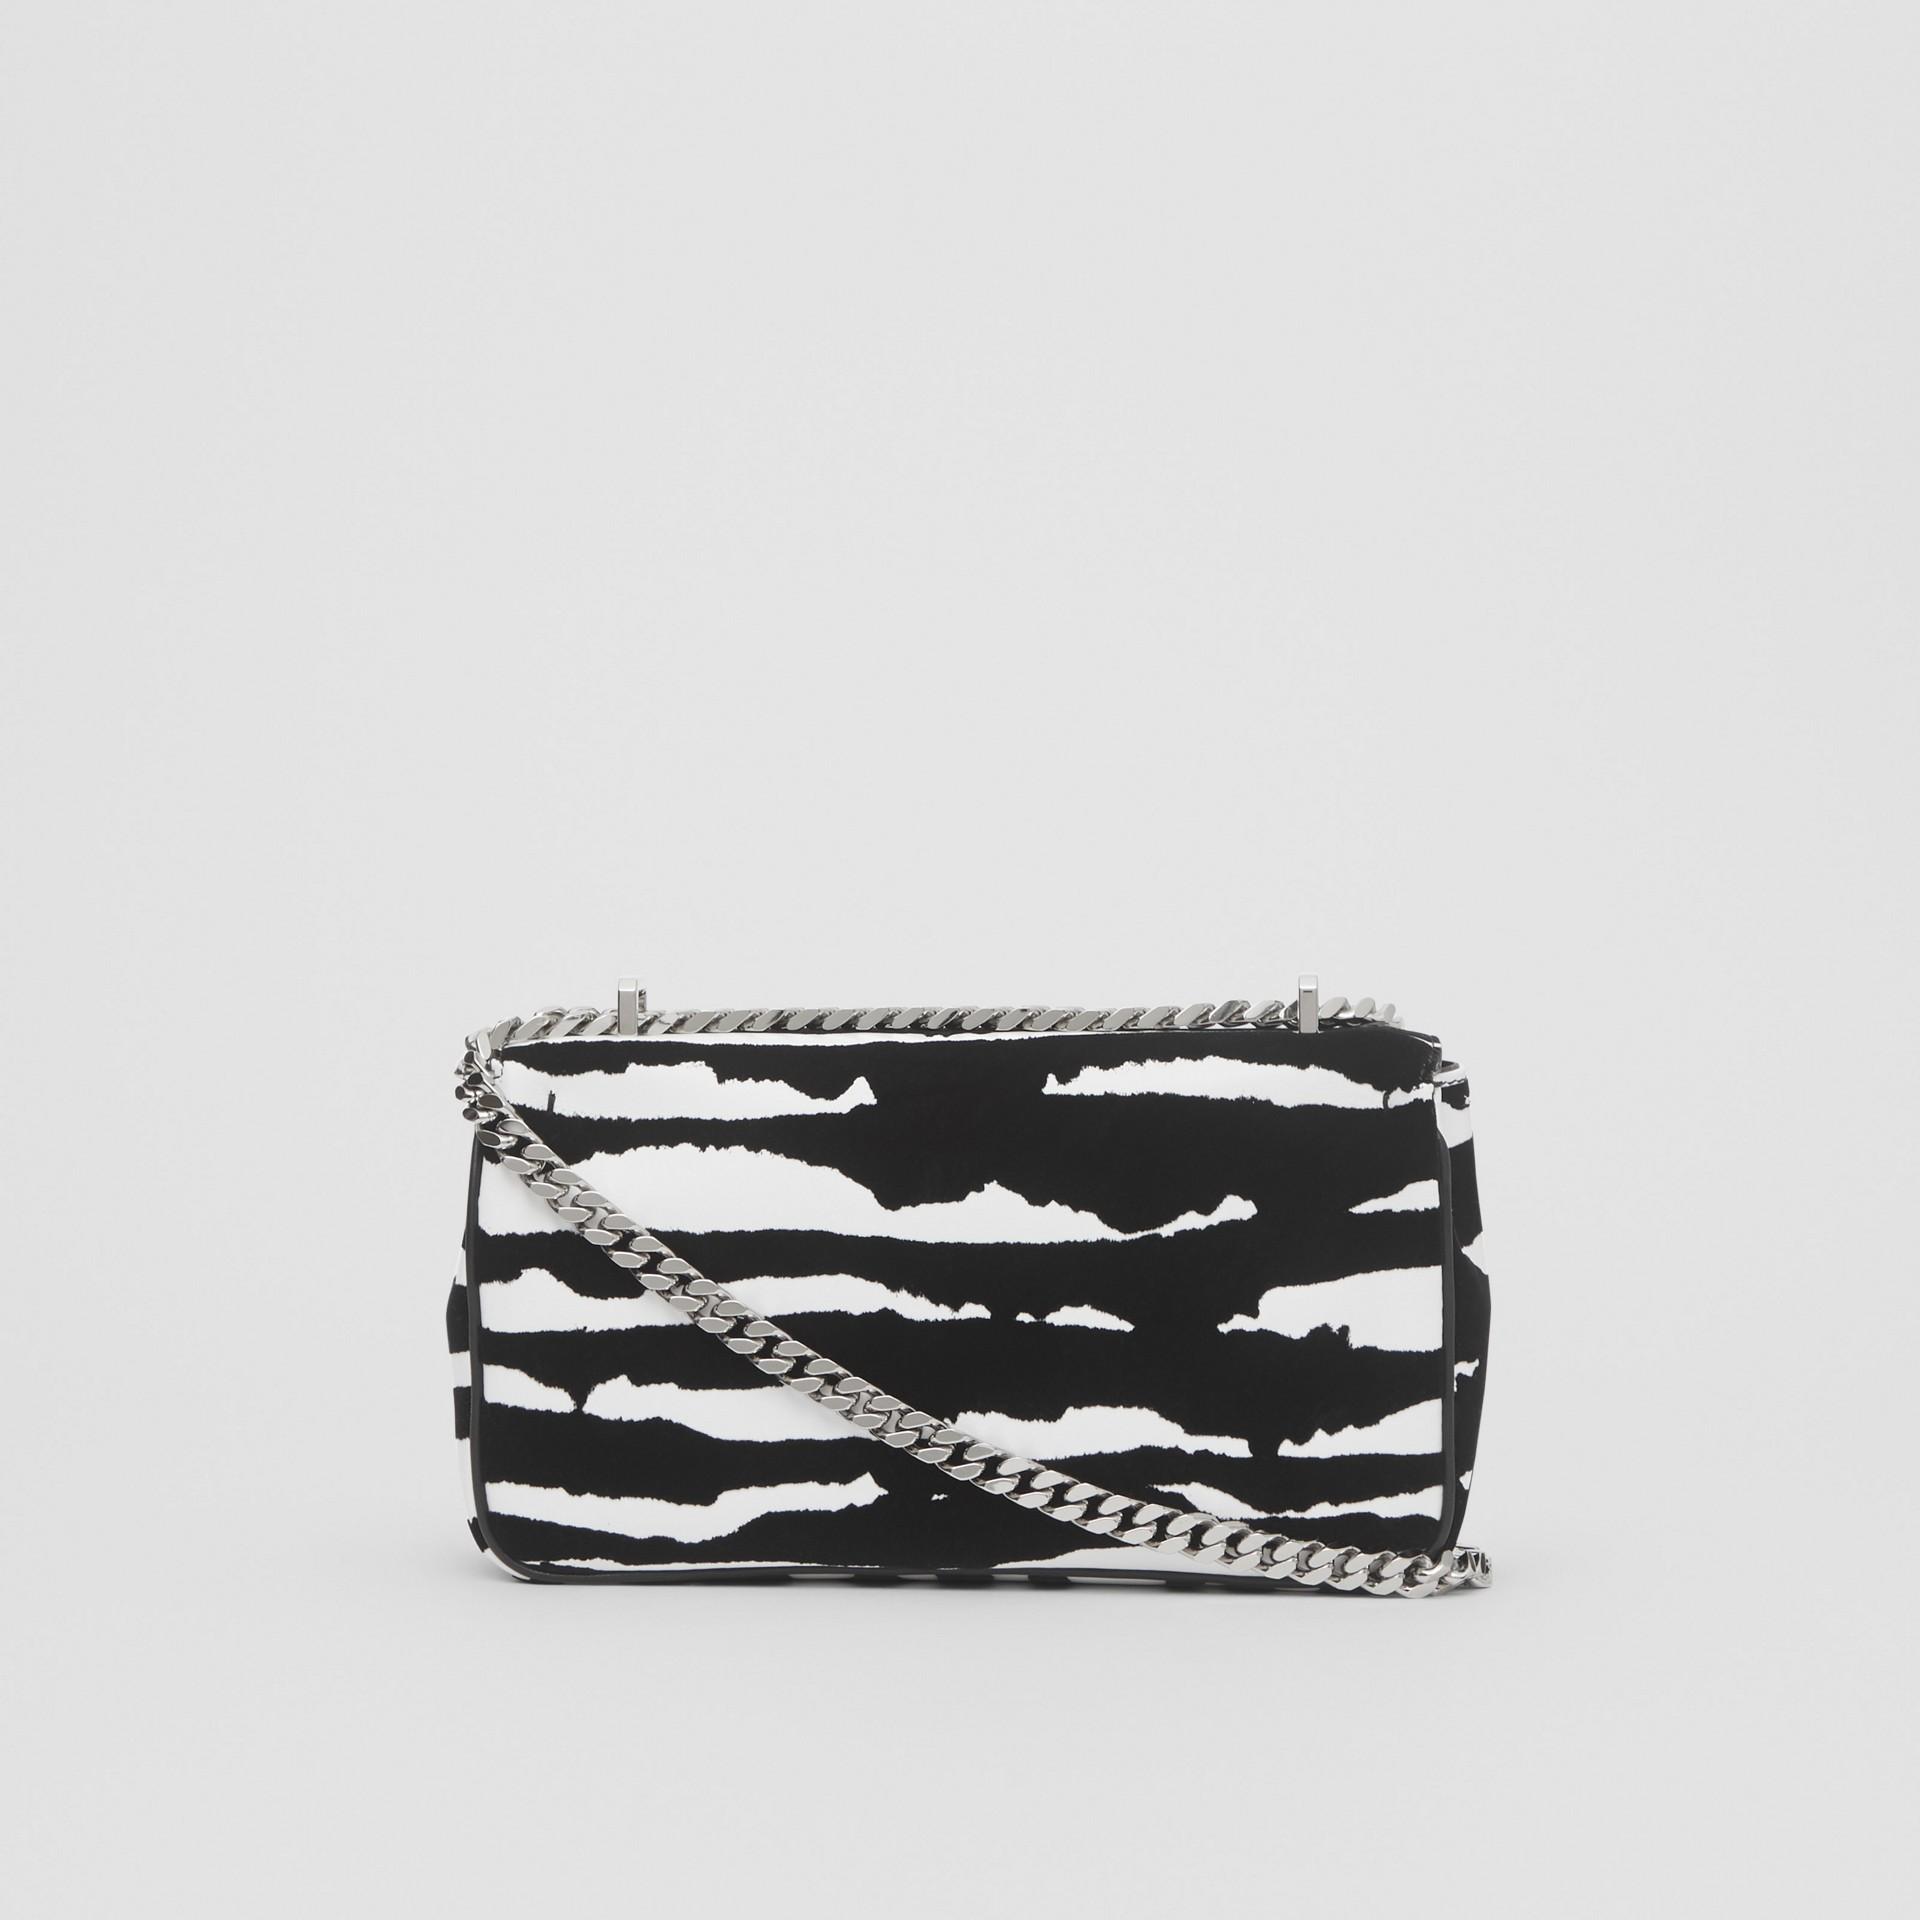 Bolsa Lola de couro flocado com aquarela - Pequena (Branco/preto) - Mulheres | Burberry - galeria de imagens 7